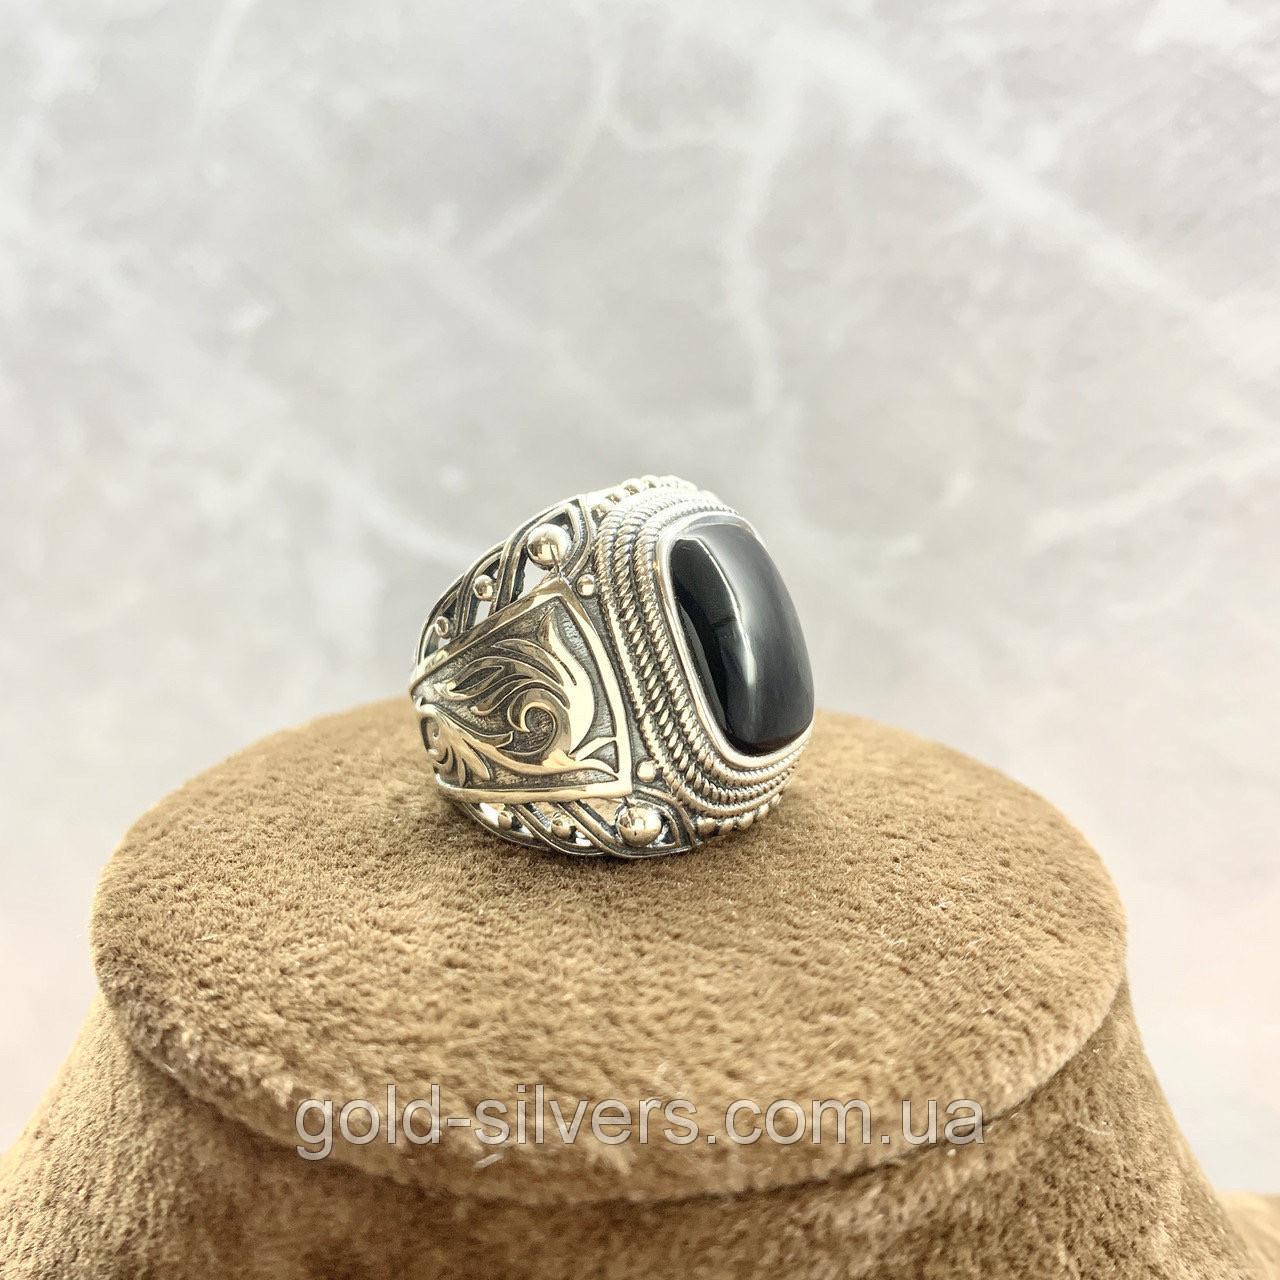 Купить печатку мужскую из серебра оптом заказать по фото каталогу в  интернет магазине по низким ценам. | 1280x1280